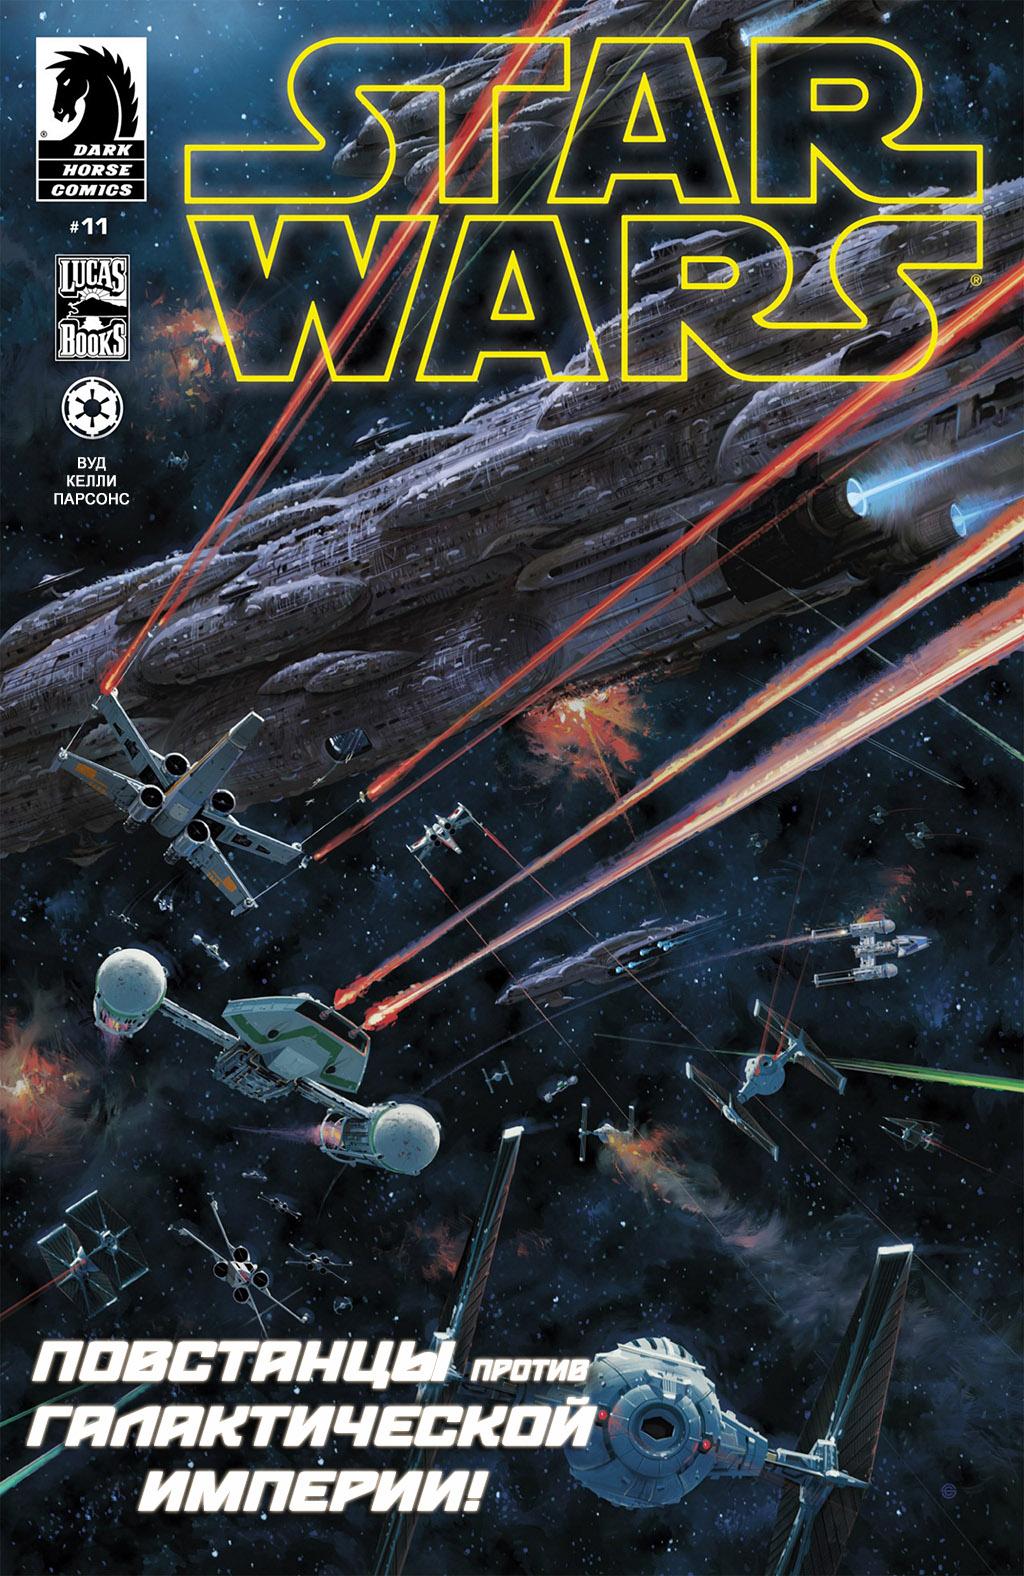 Звёздные войны 11: Из руин Альдераана, часть 5